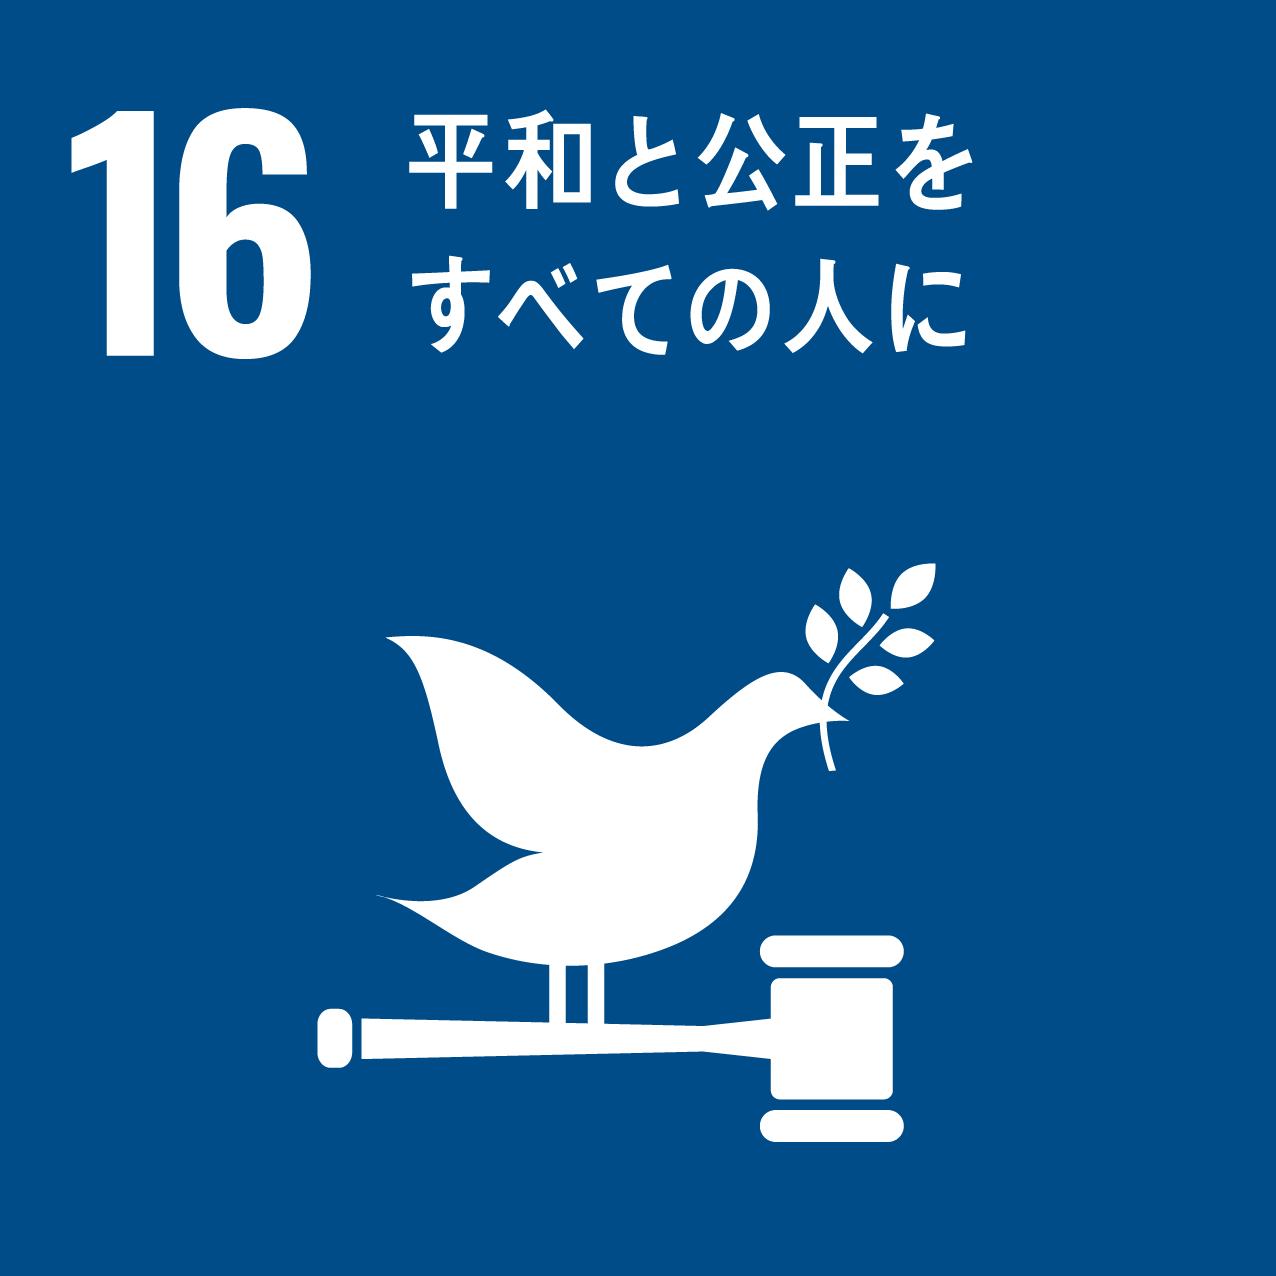 SDGs 16